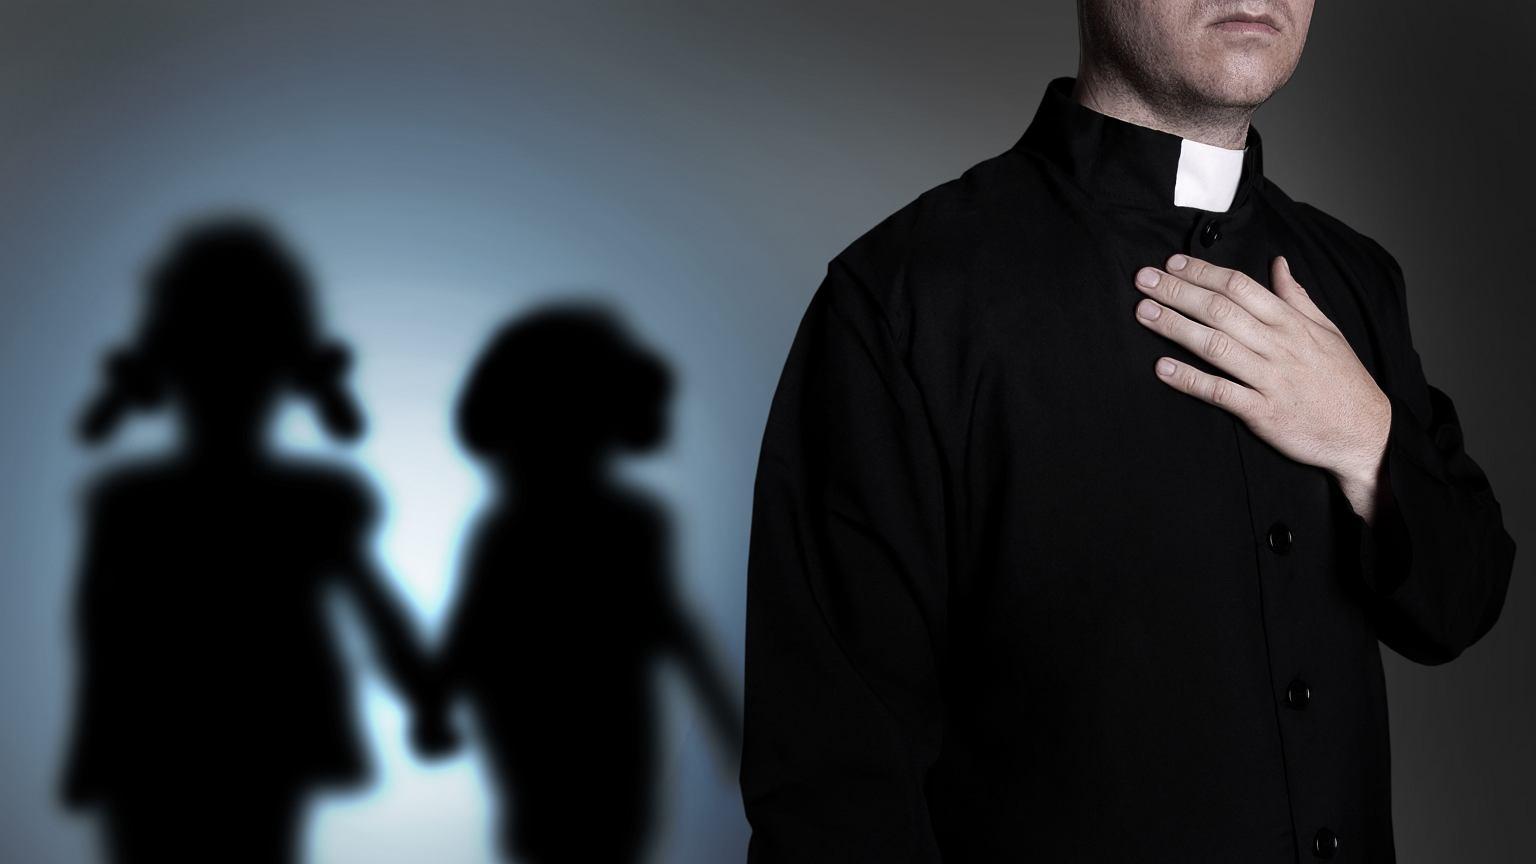 Duchowni albo całkowicie wyrzekają się swoich dzieci, albo ukrywają rodzinę przed światem